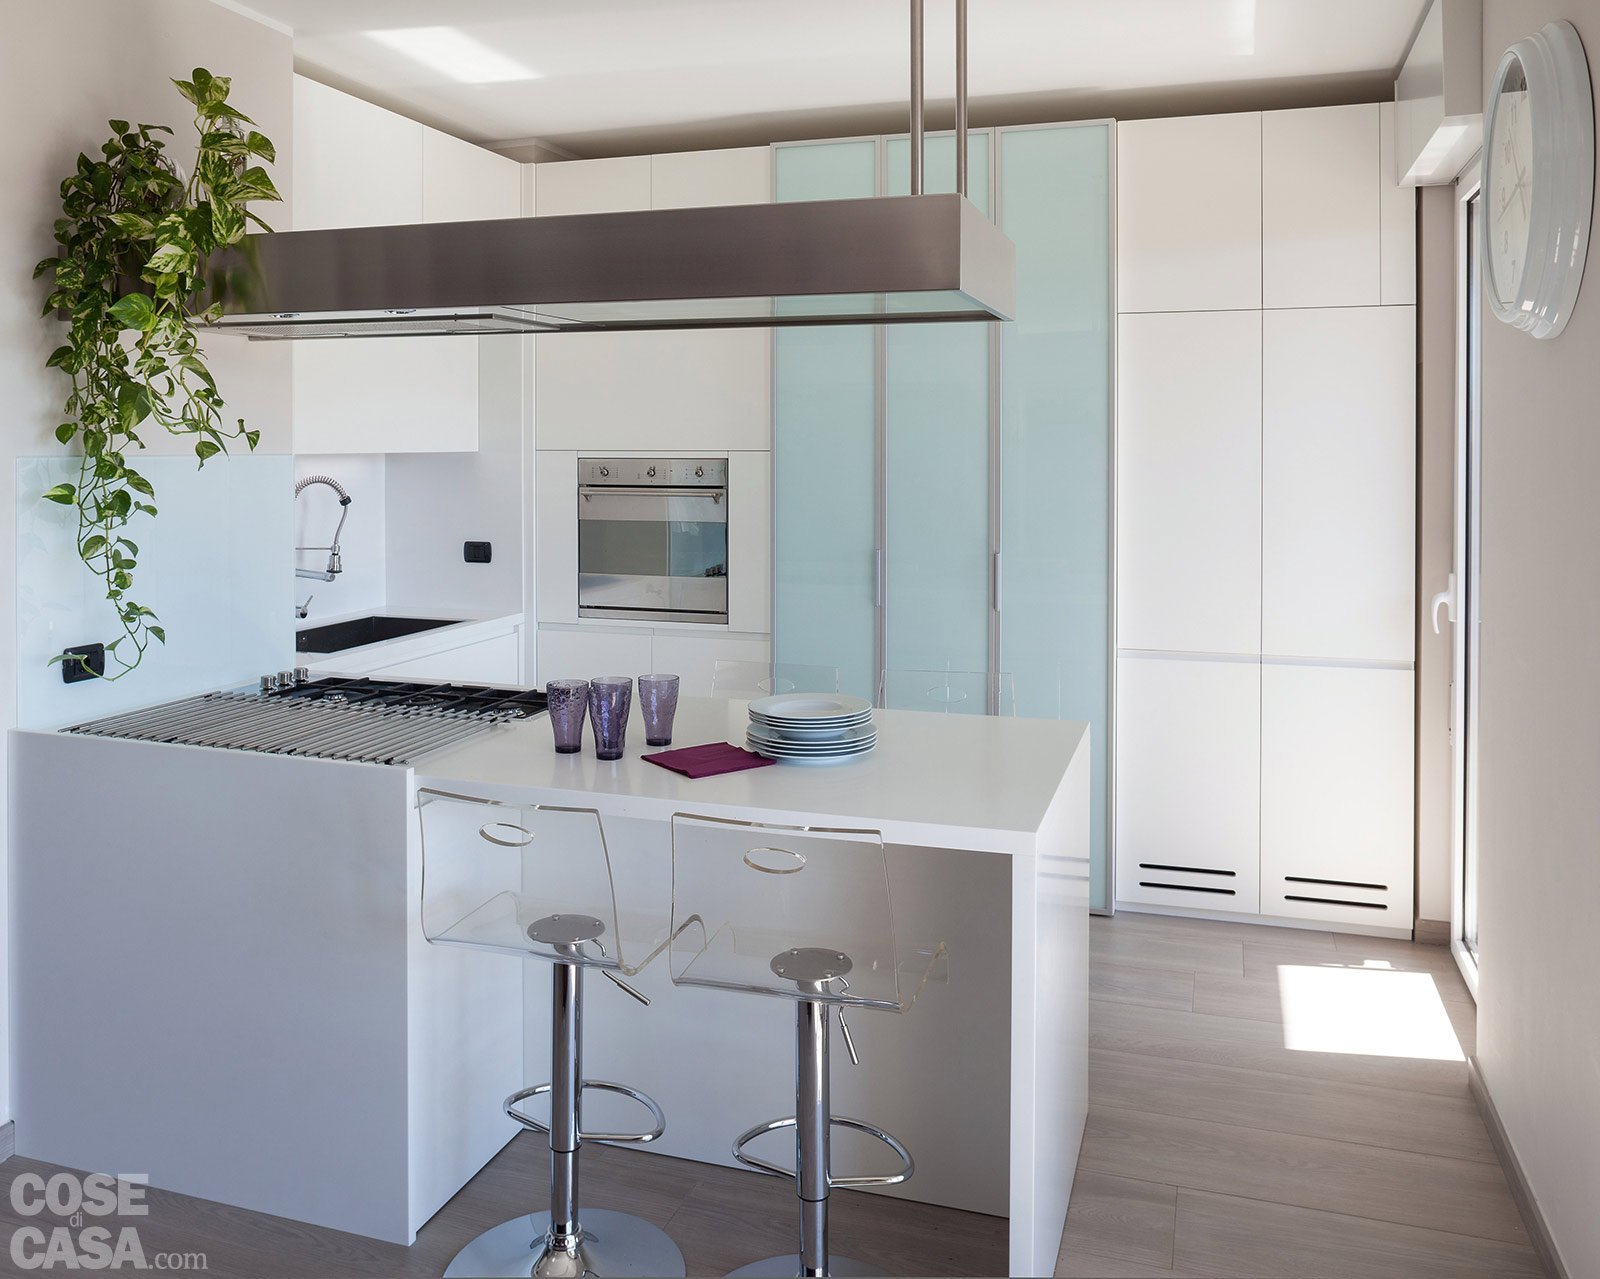 Mensole per cucina moderna cucine moderne with mensole for Salvaspazio cucina